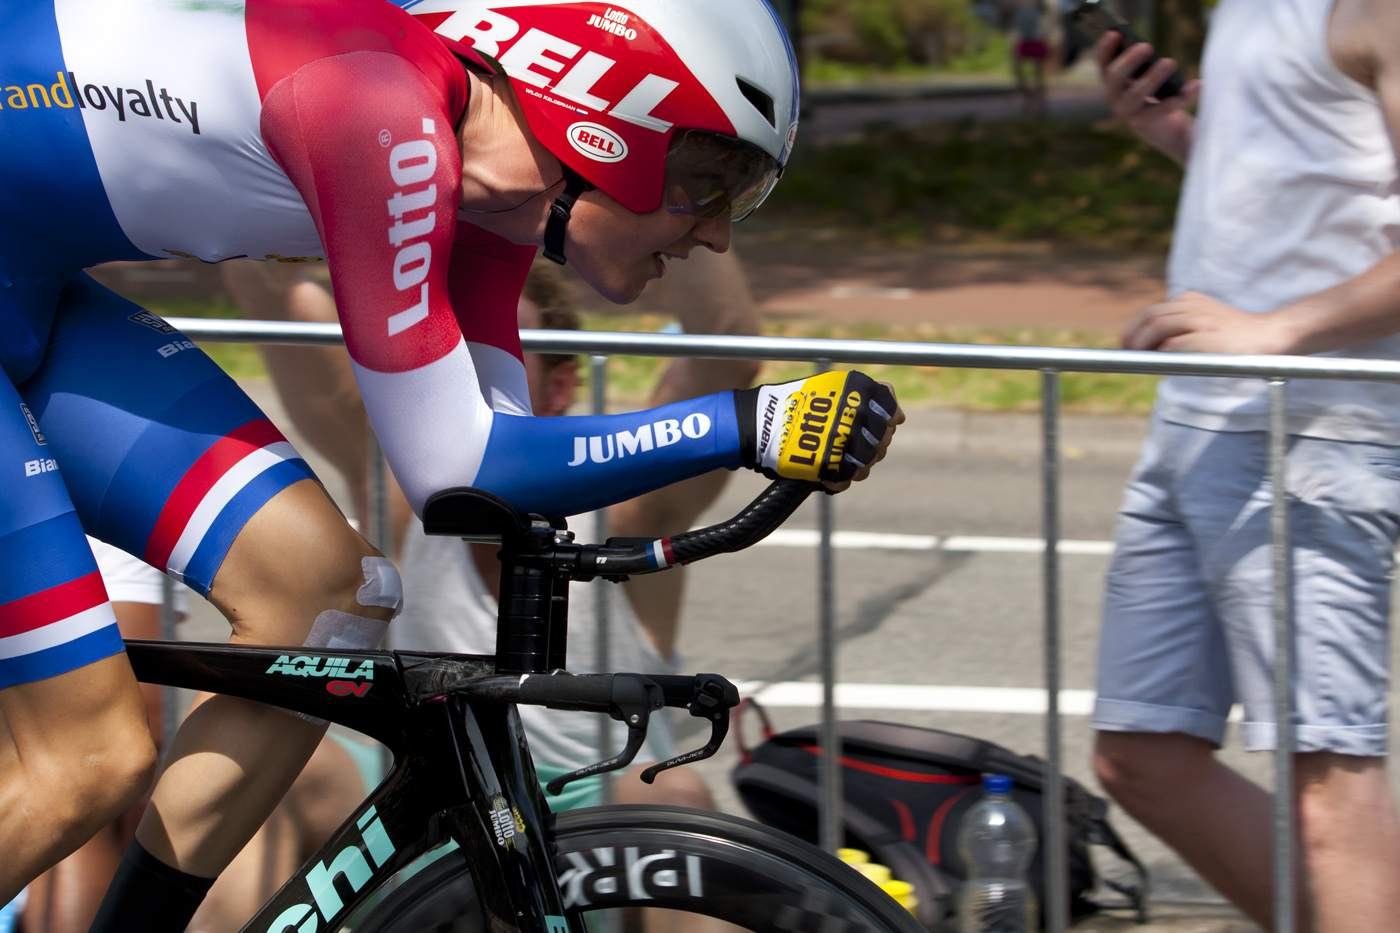 tour france 2015 pictures13 Tour de France 2015 in Pictures